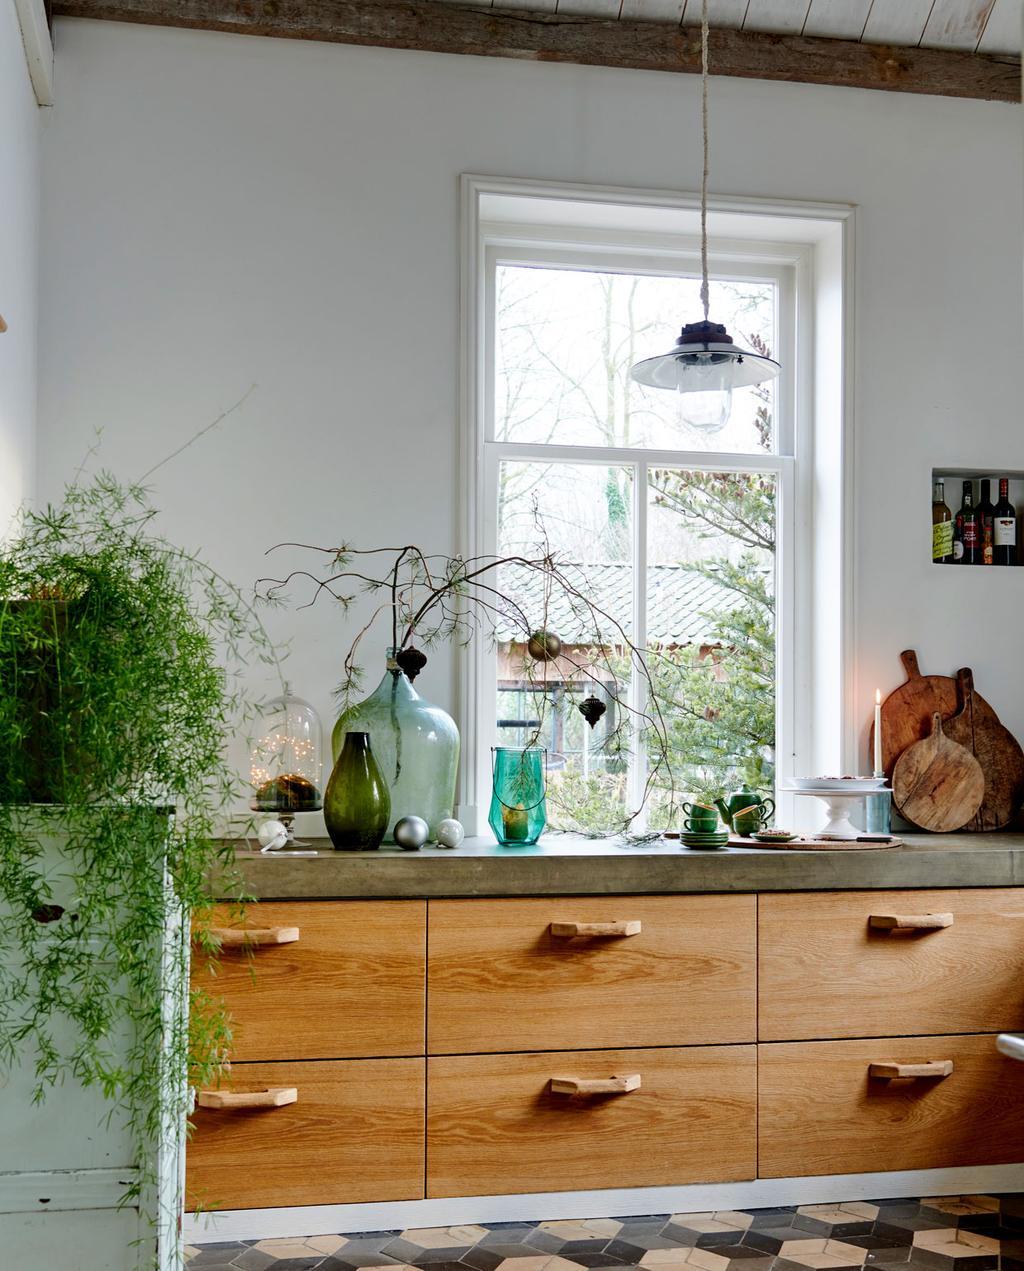 vtwonen 12-2019 | Binnenkijken in een boerderij in Aalten keuken hout en beton